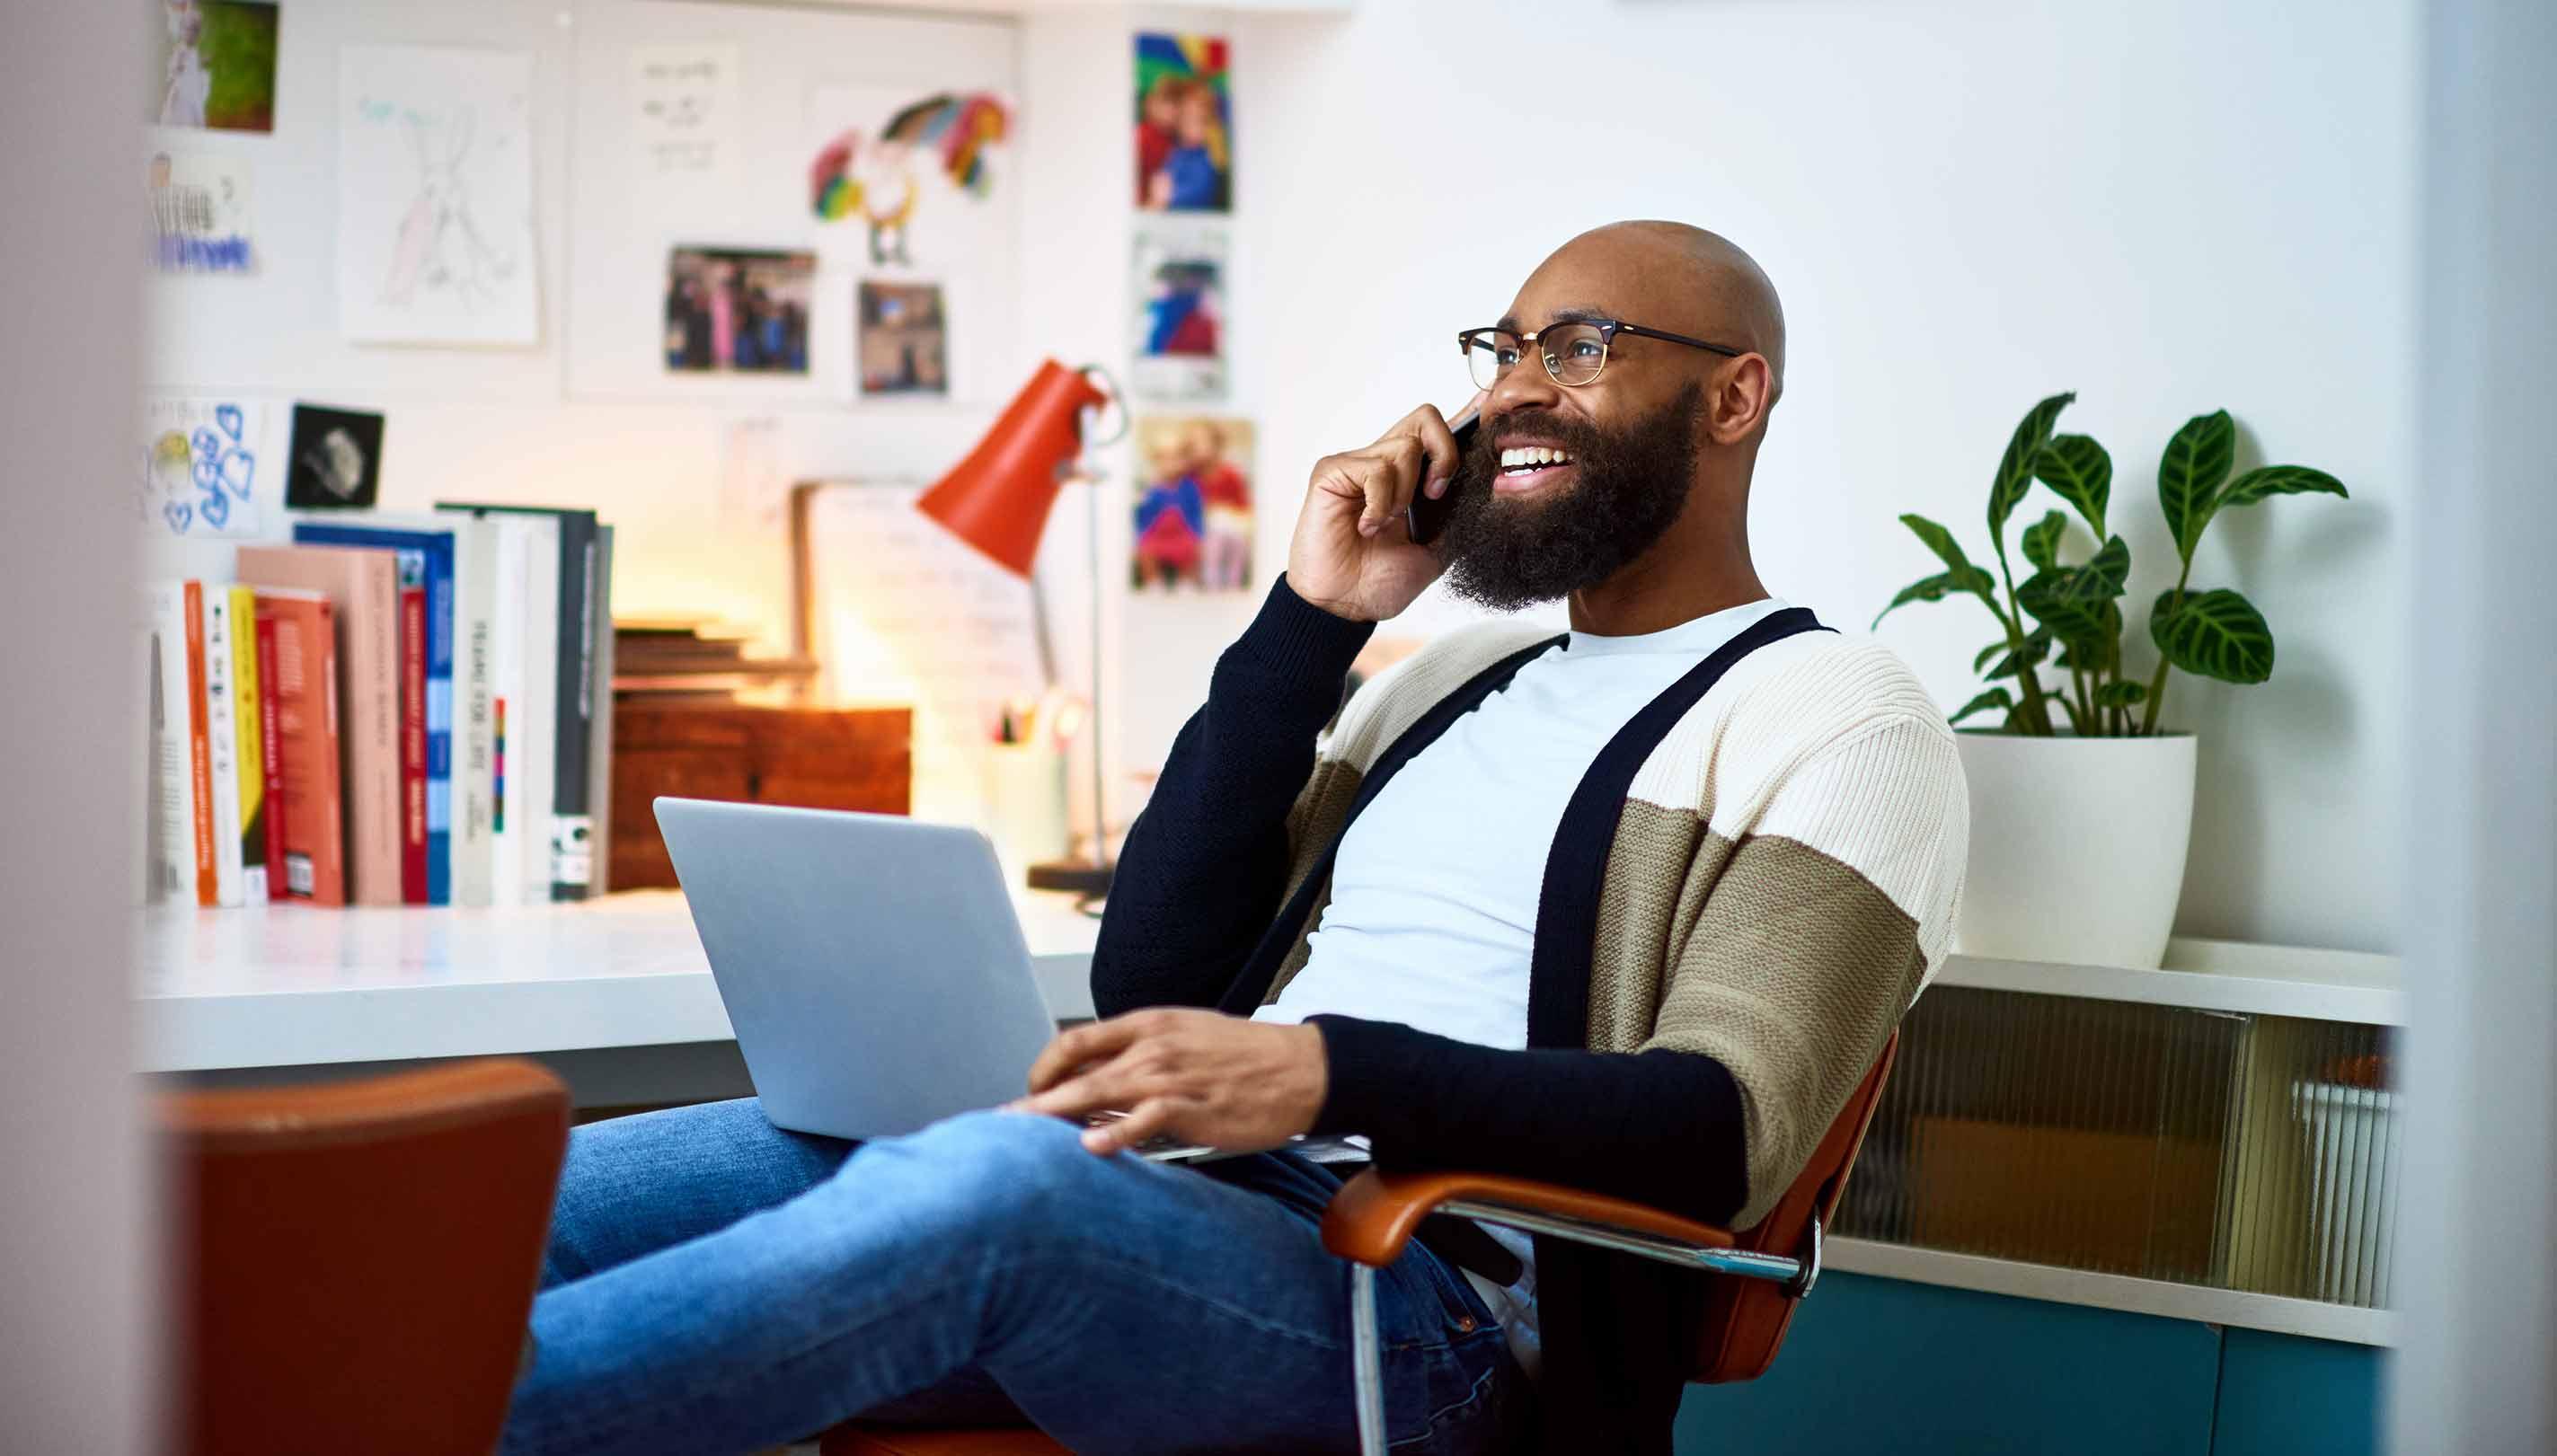 Hombre sonriendo mientras trabaja desde una moderna oficina en casa